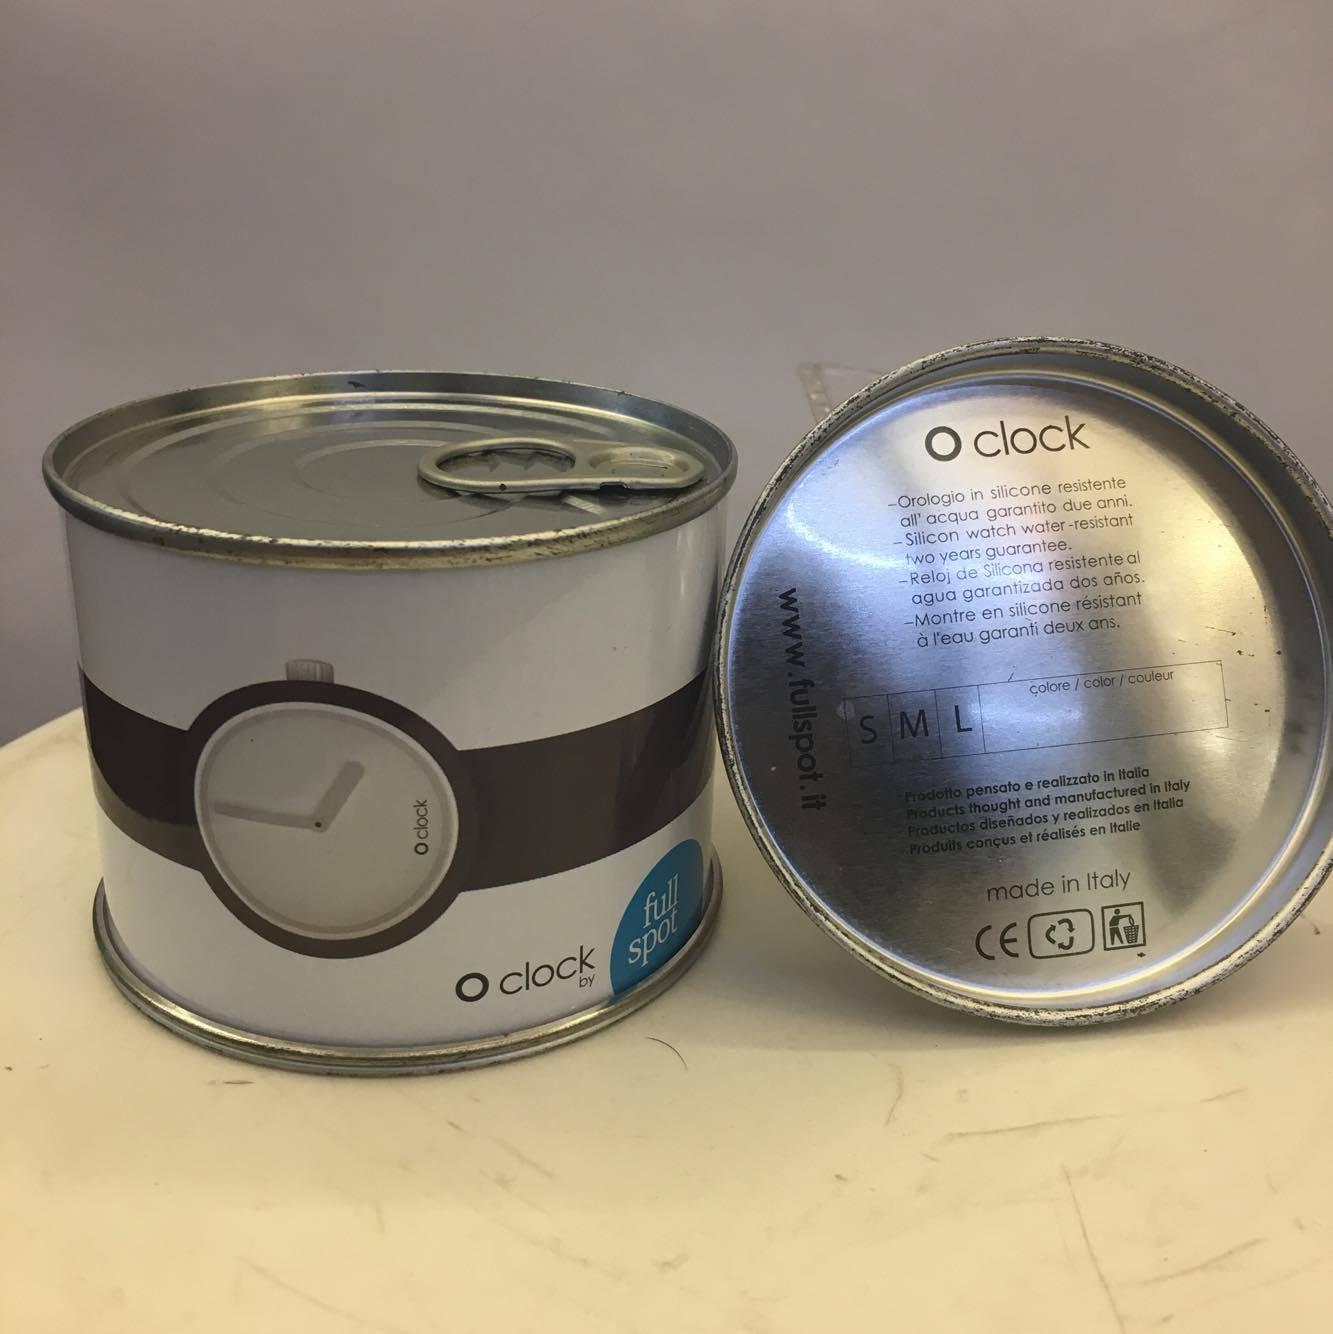 下殺5折 BEETLE O'CLOCK O CLOCK FULLSPOT 義大利 防水 矽膠 罐頭 可拆 手錶 米色 M 1